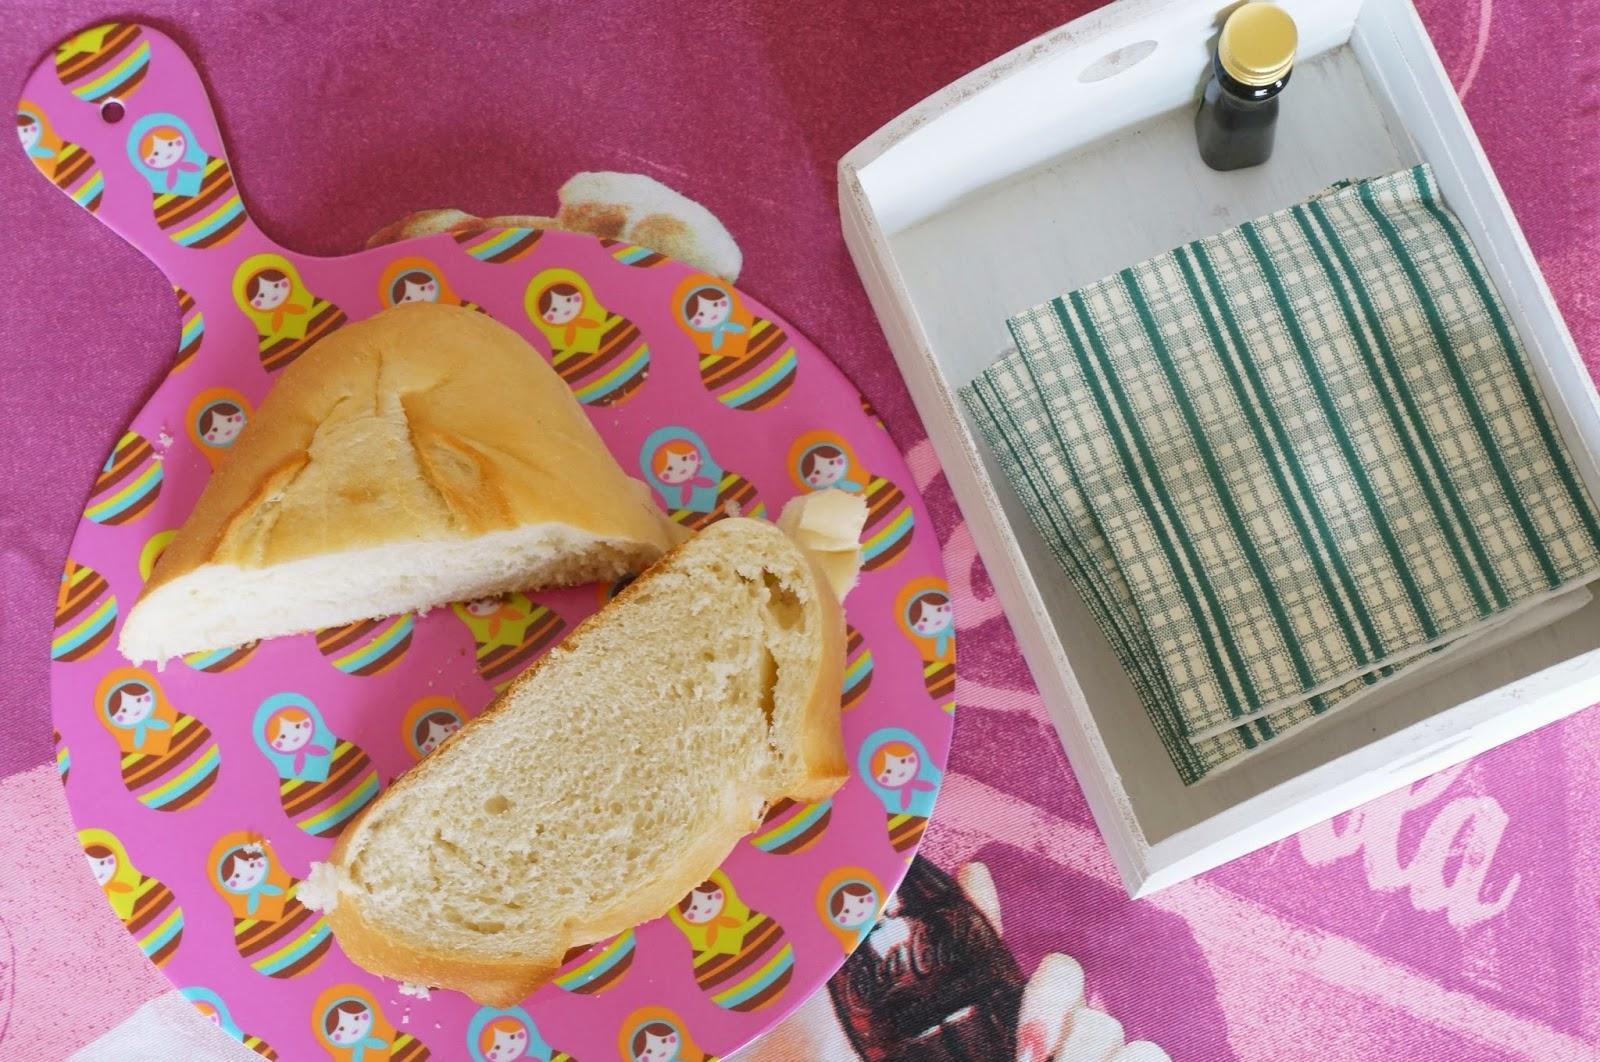 A tábua de corte Dolls enfeita a mesa além ser útil para cortar e servir o pão.